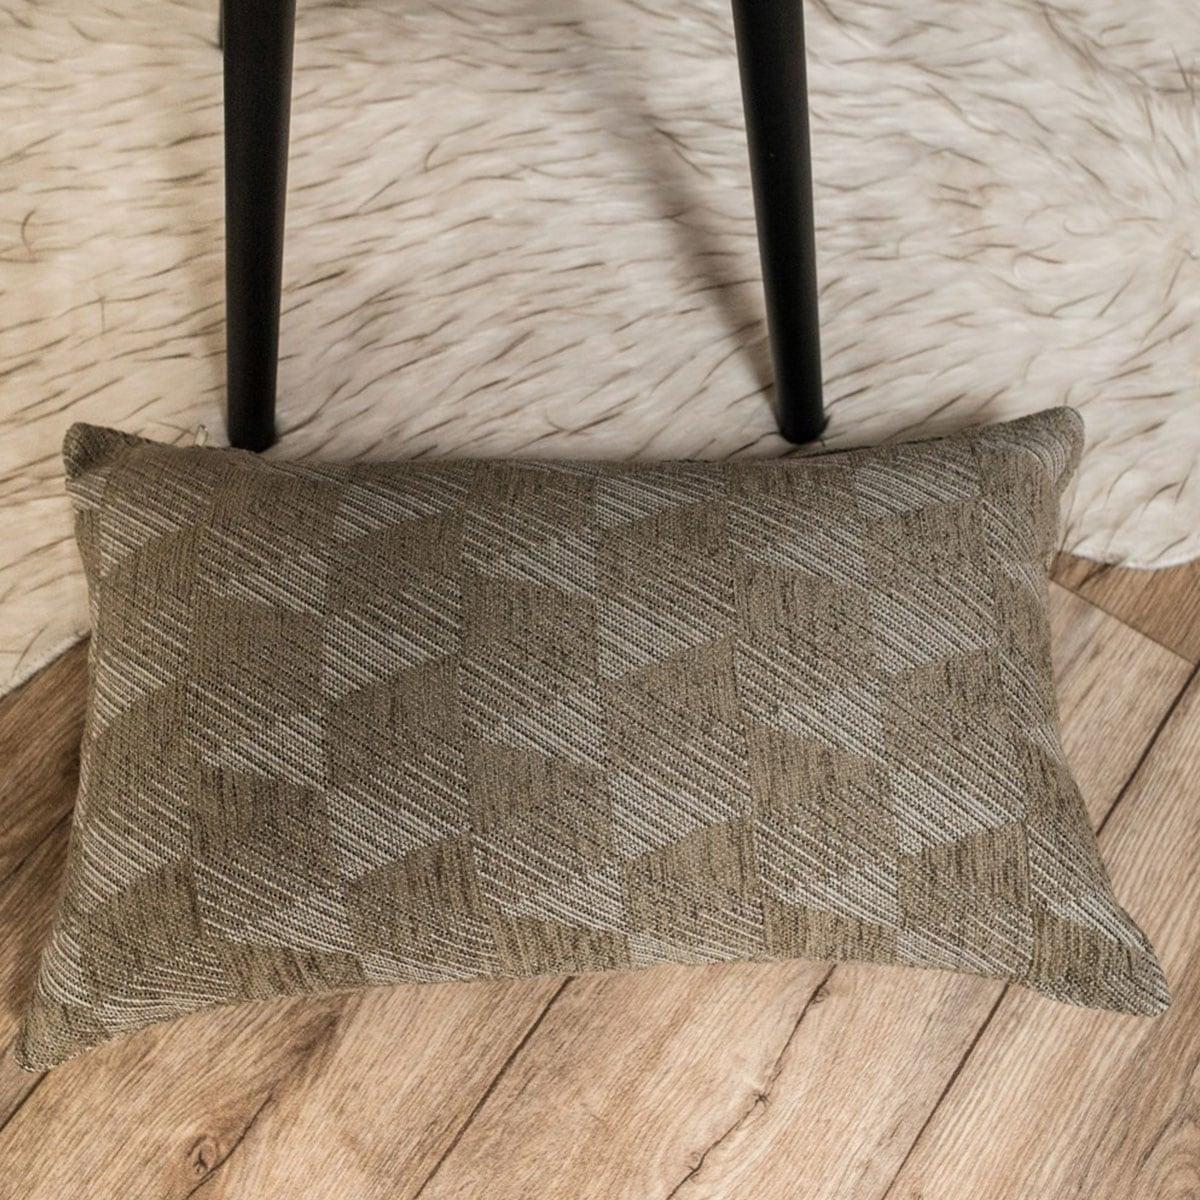 Μαξιλάρι Διακοσμητικό (Με Γέμιση) Memphis 03 Elephant Teoran 30Χ50 Ακρυλικό-Polyester